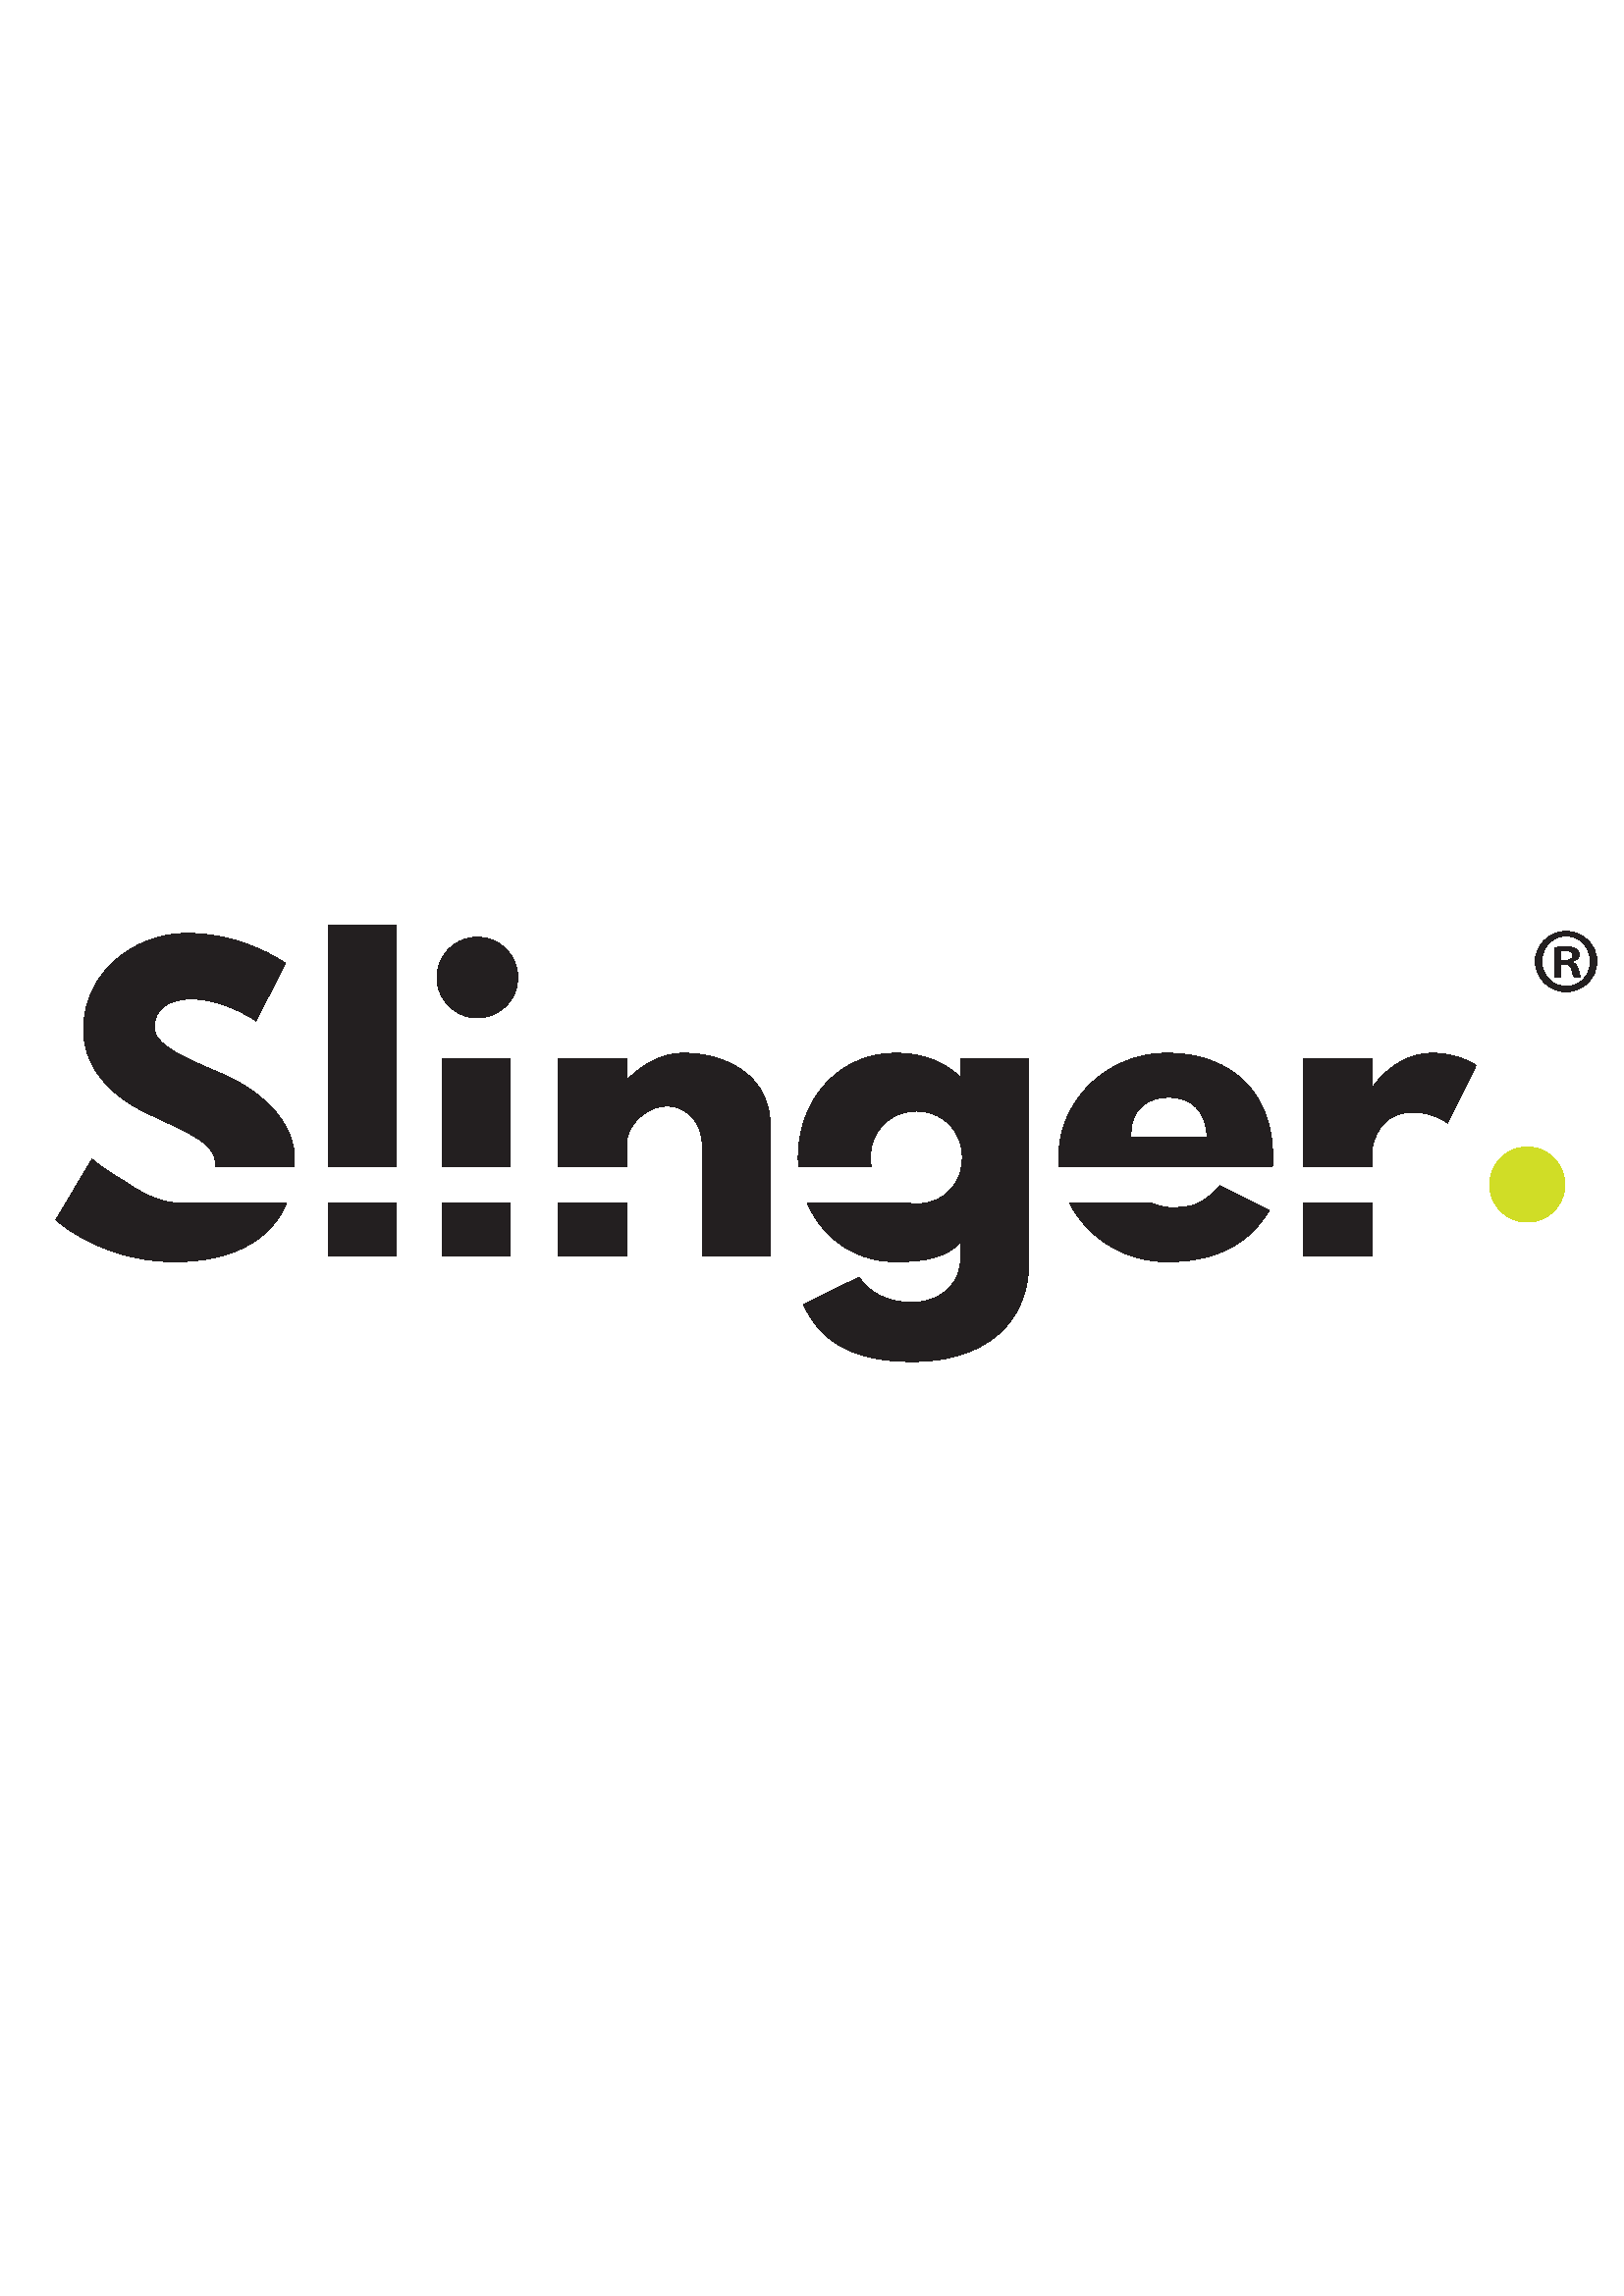 Slinger logo _Black logo